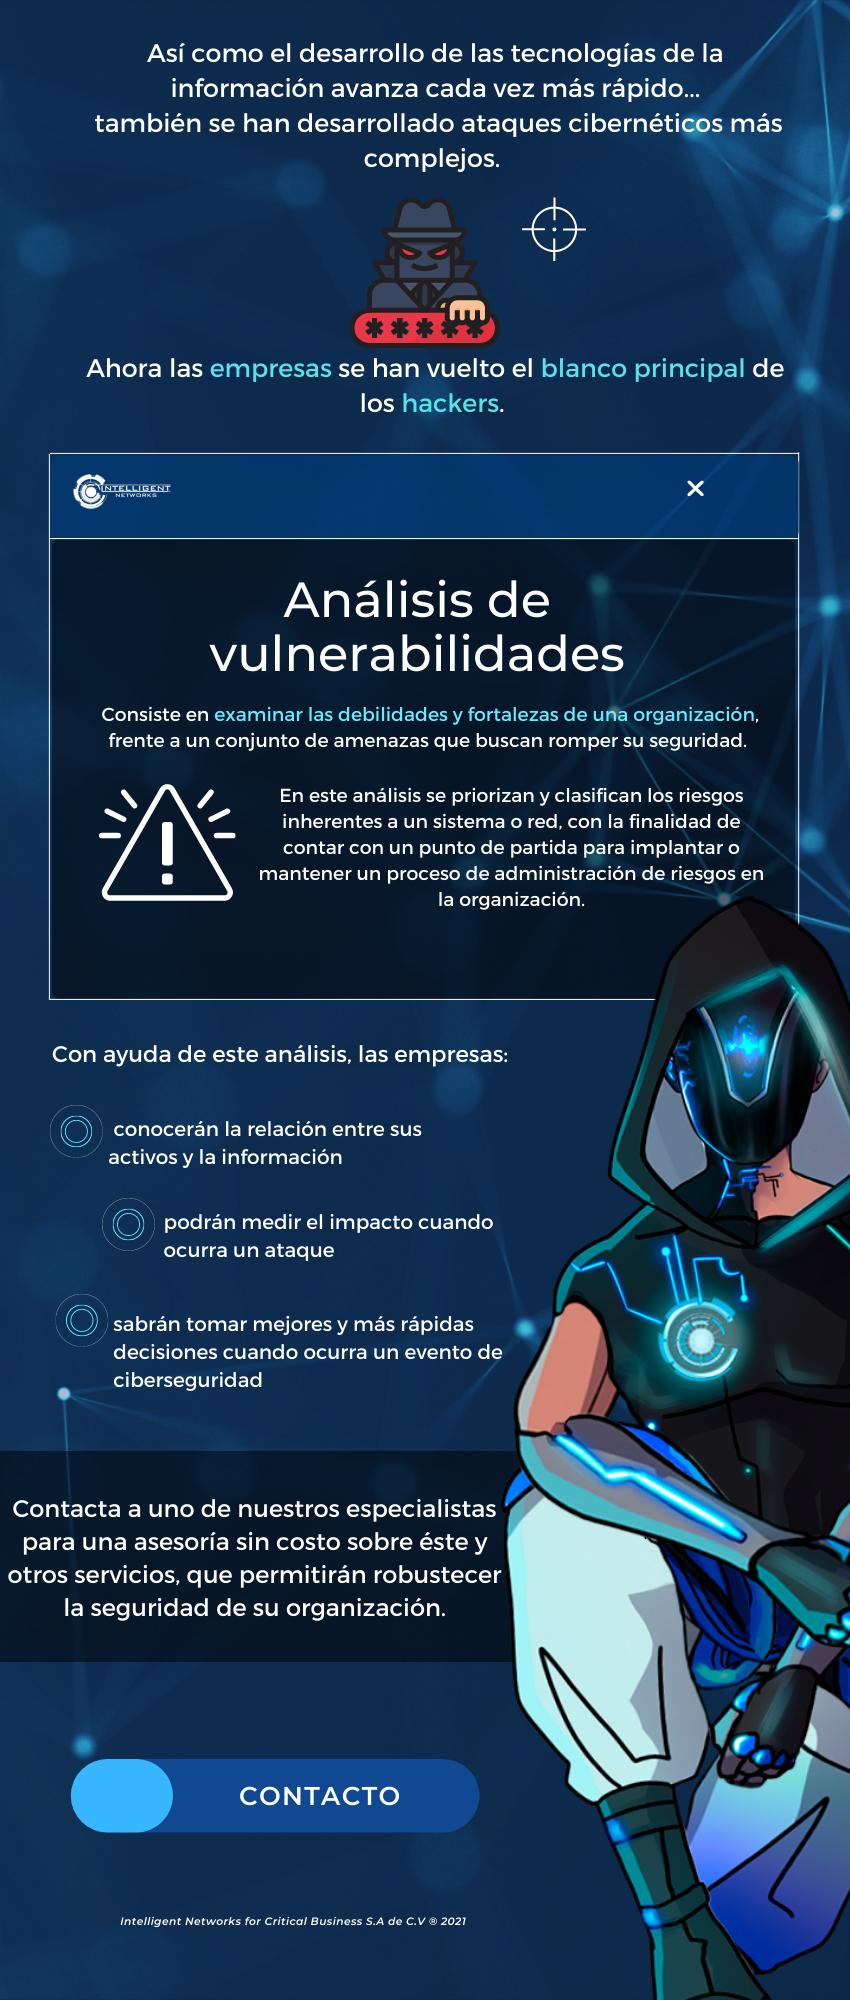 Por qué realizar un análisis de vulnerabilidades en tu empresa